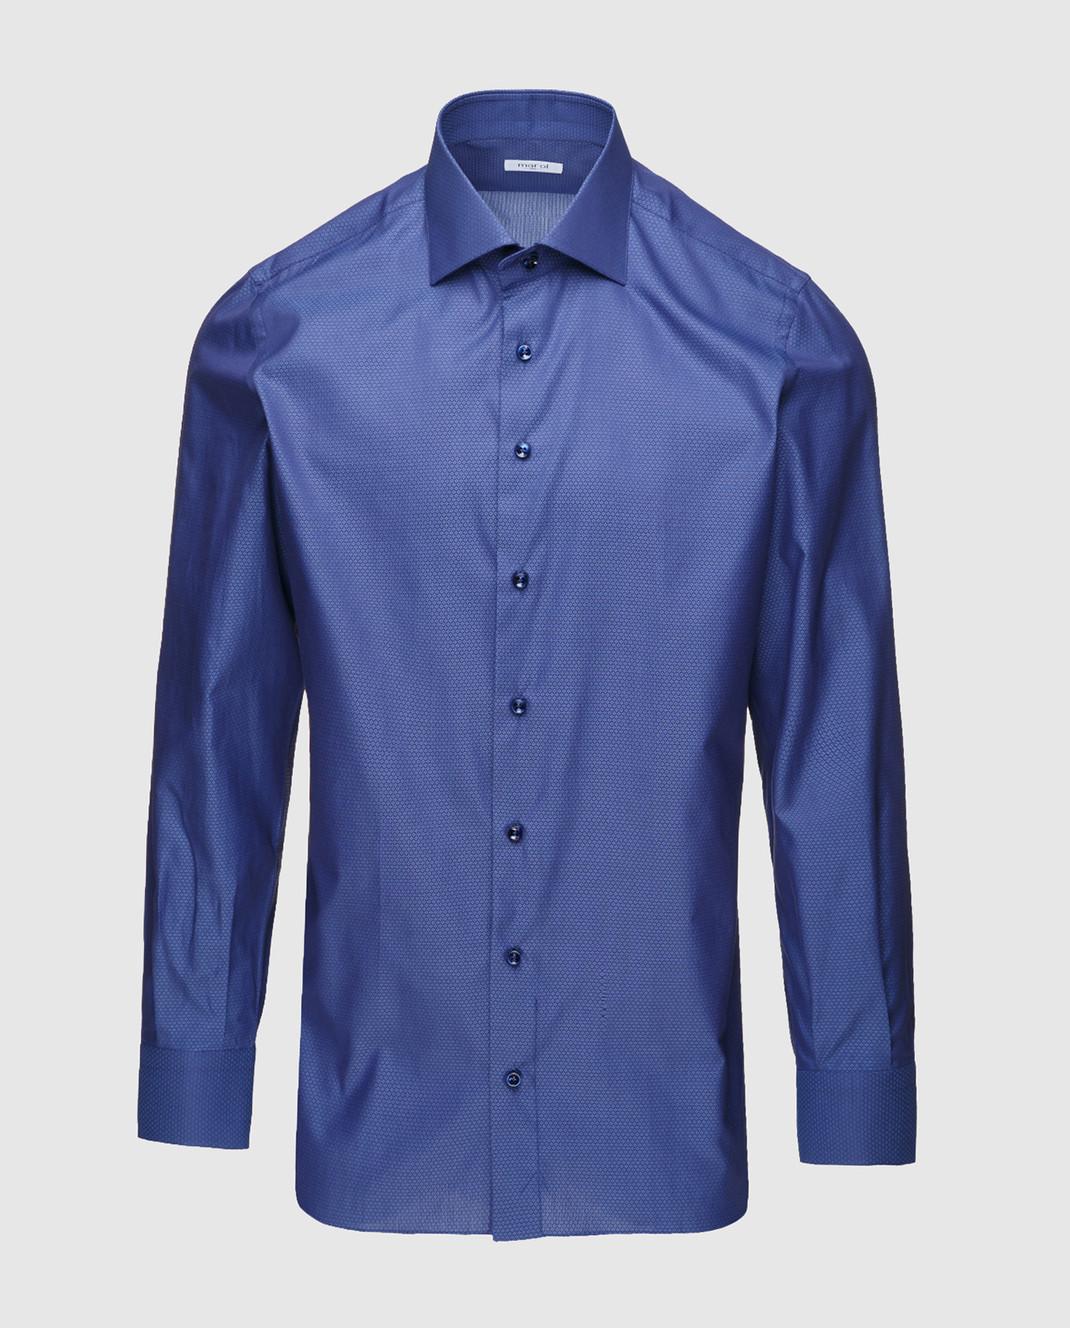 Marol Темно-синяя рубашка 8352